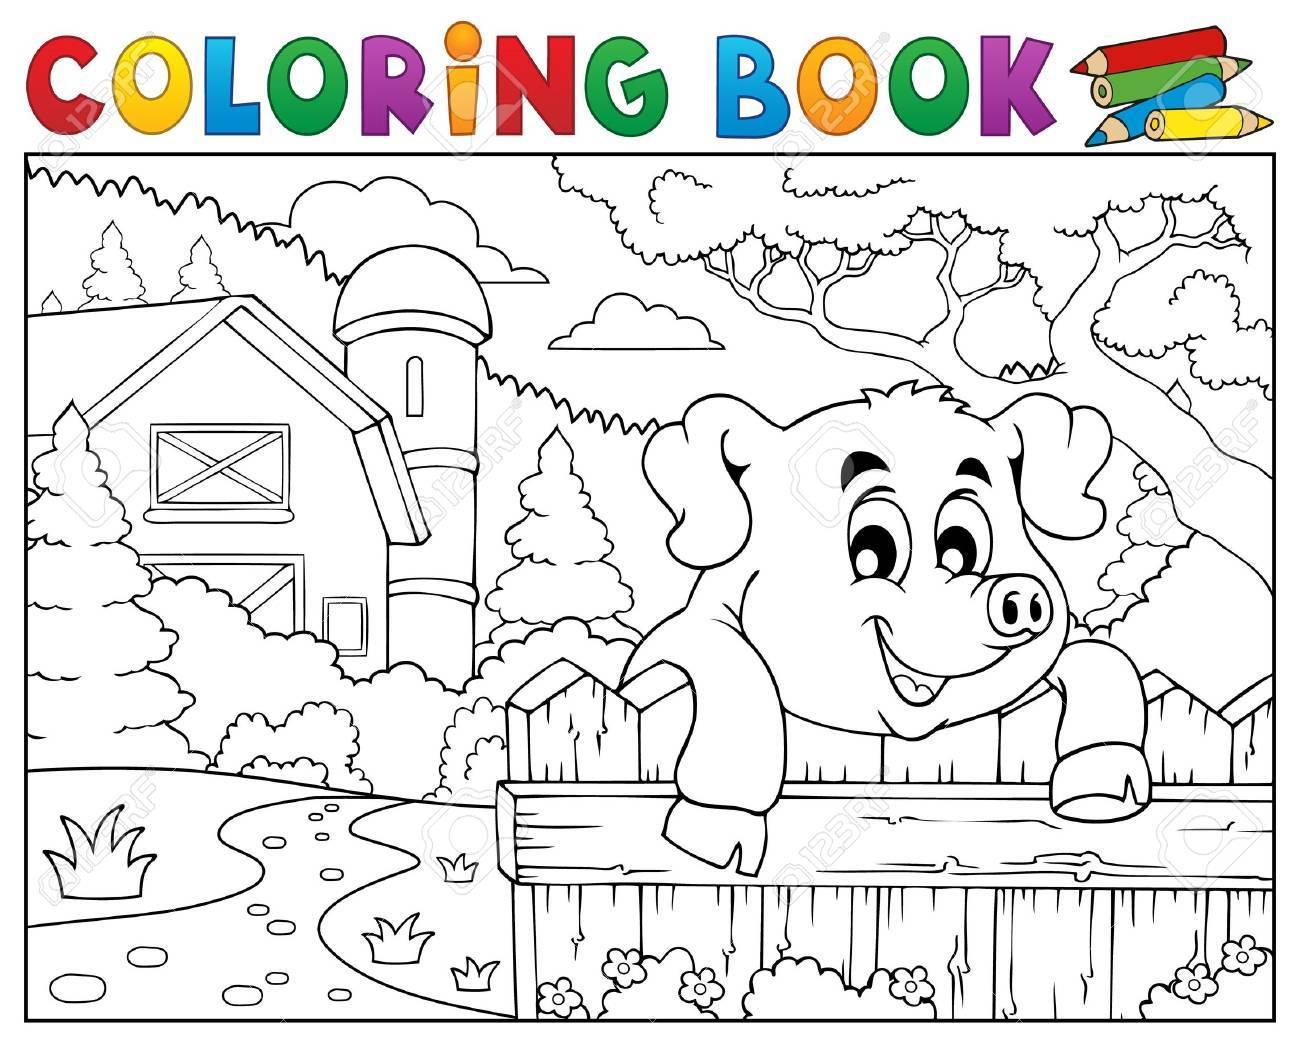 Coloriage Ferme Cochon.Coloriage Livre Cochon Derriere La Cloture Pres De La Ferme Clip